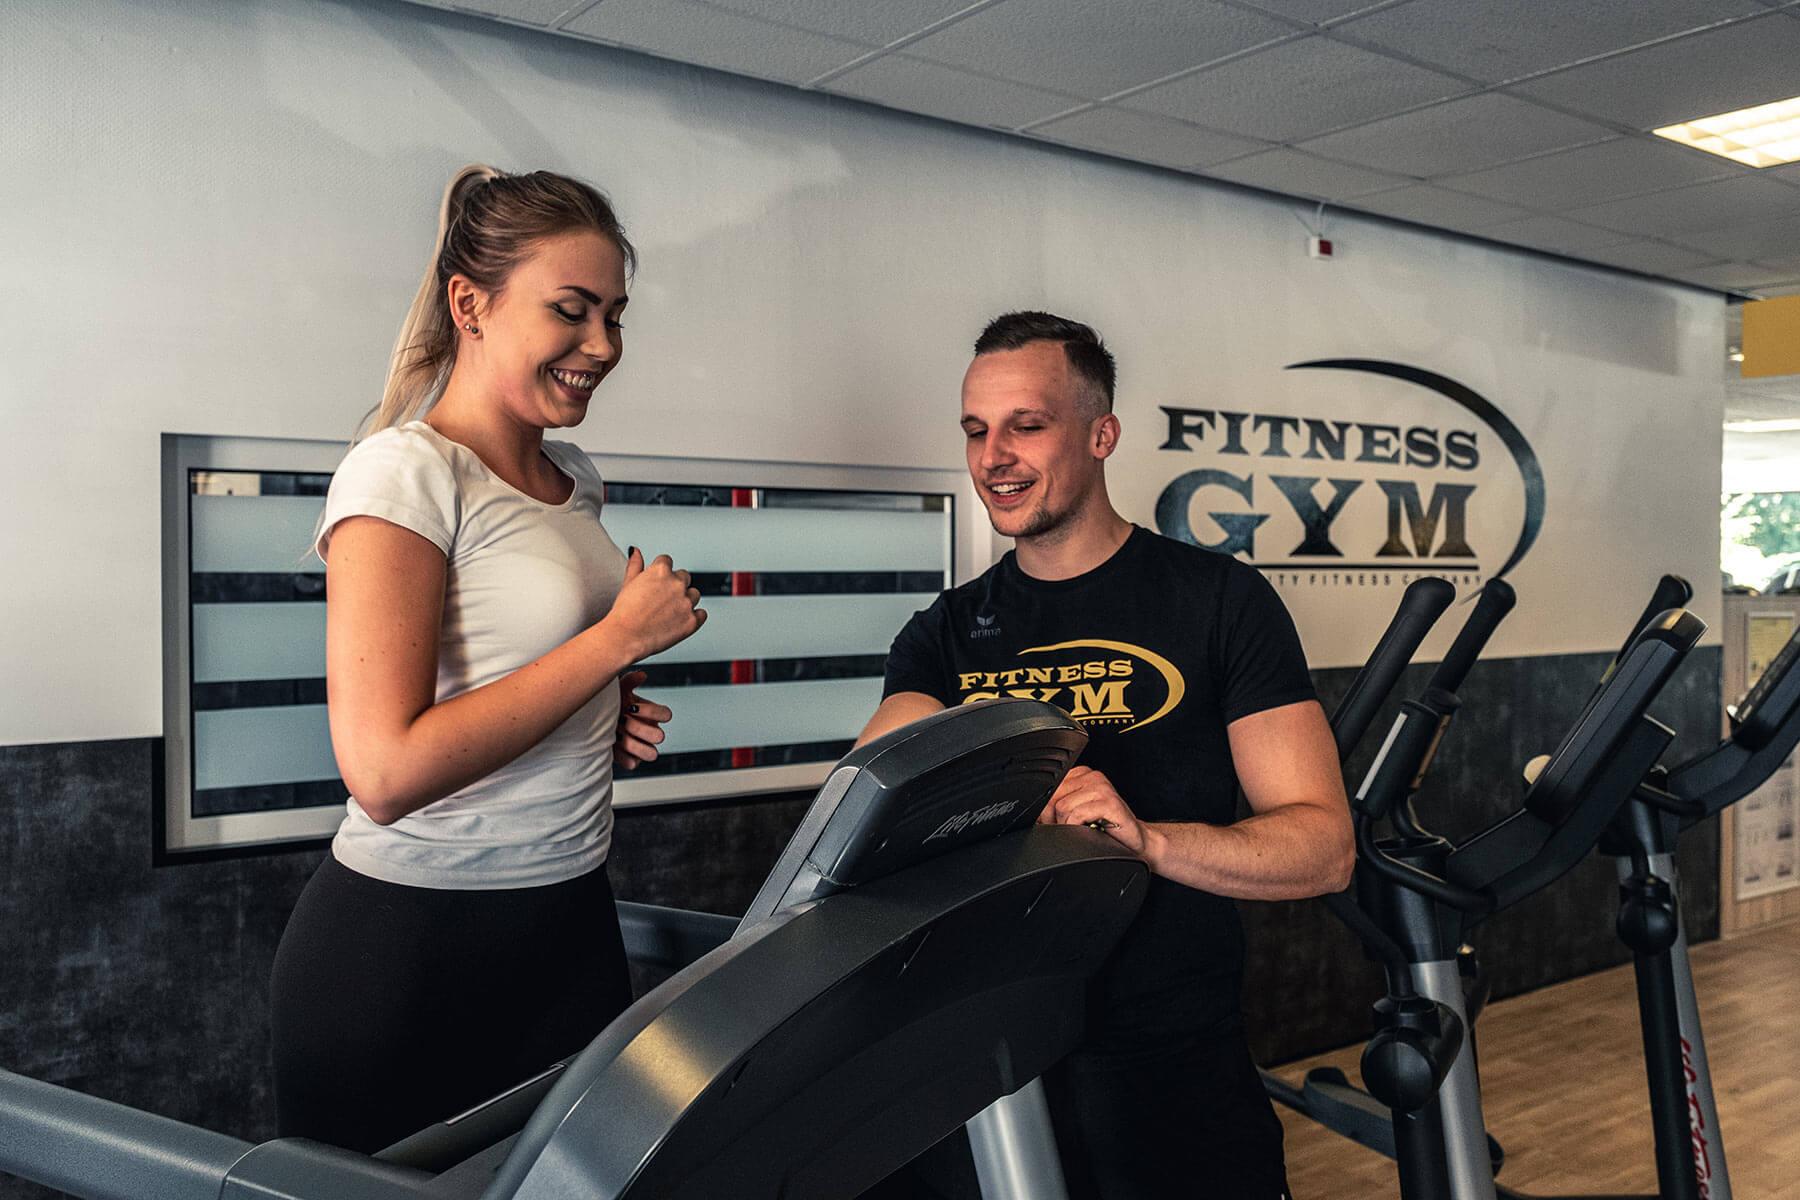 fitness gym lüdenscheid service personal